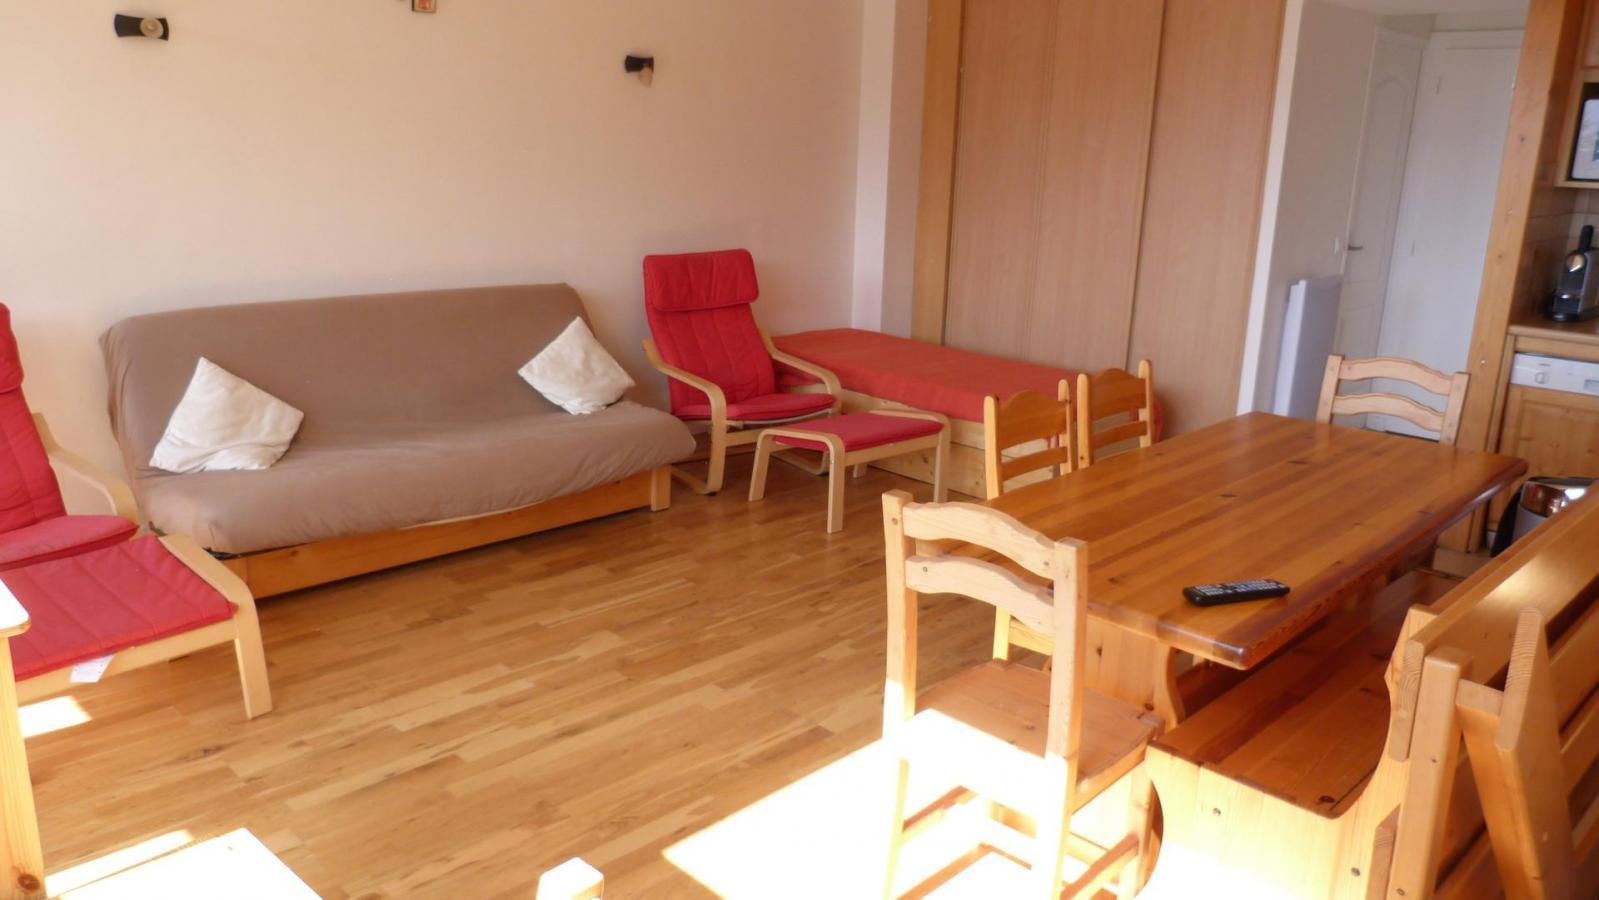 Location au ski Appartement 3 pièces 8 personnes (126) - Residence Les Tournavelles - Les Arcs - Séjour